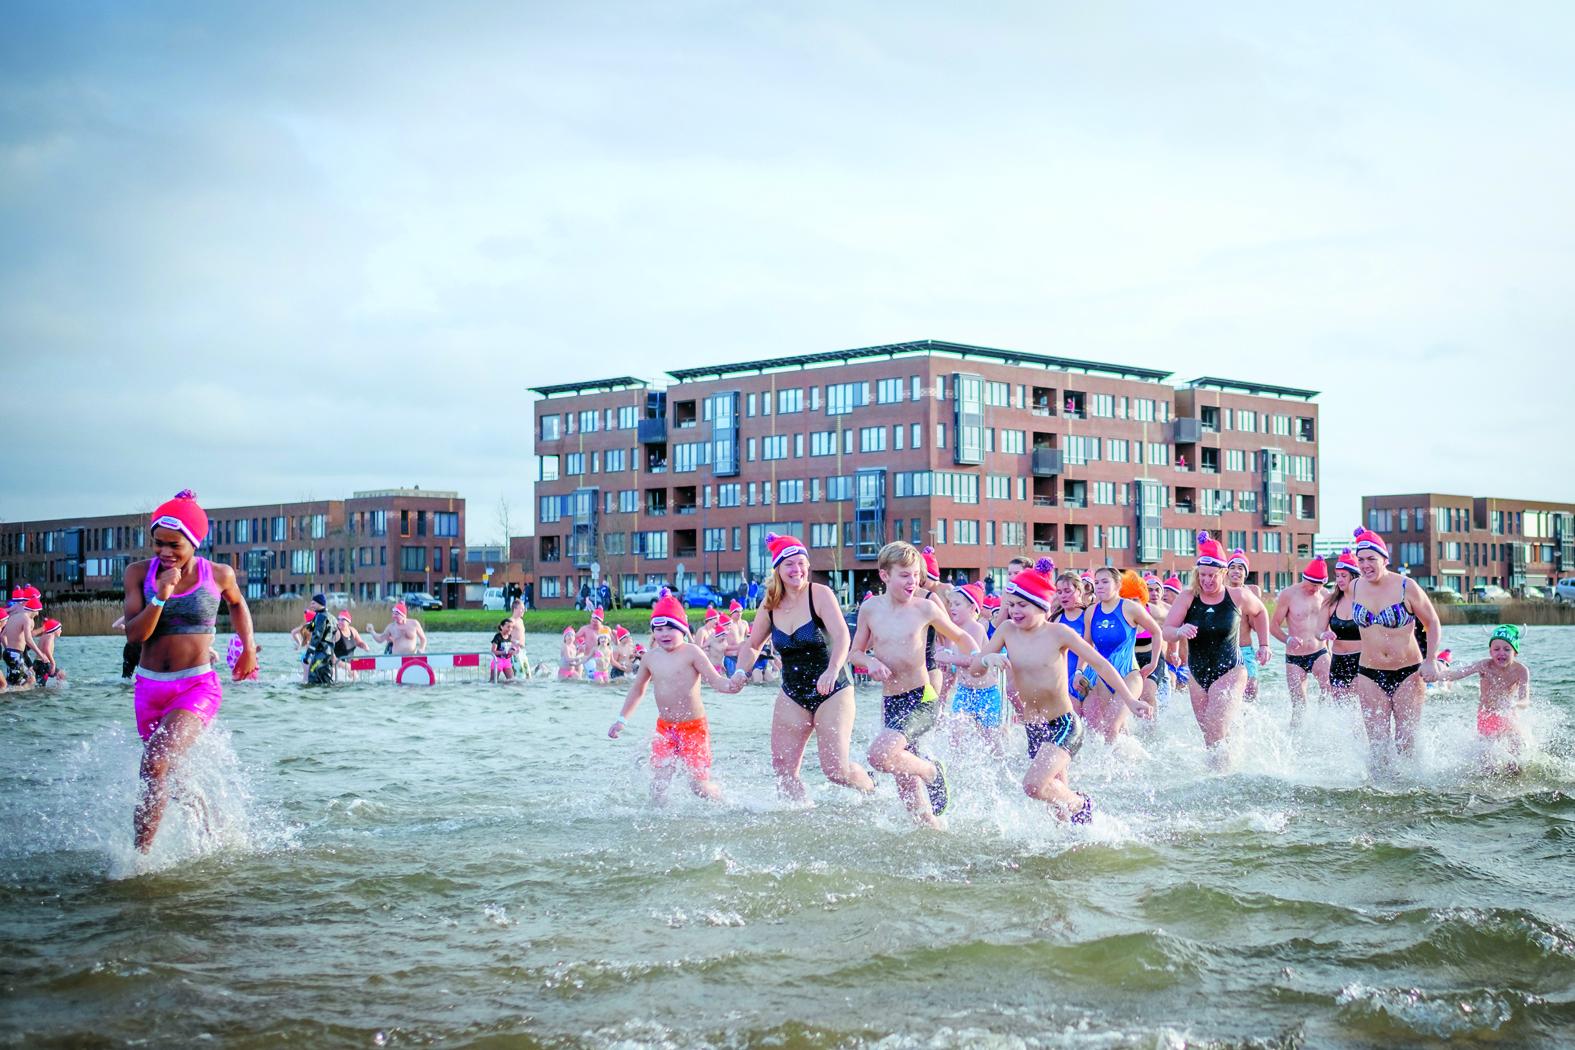 Wie durft 1 januari het koude water in te springen? (Foto: Richard Rood/ archief)